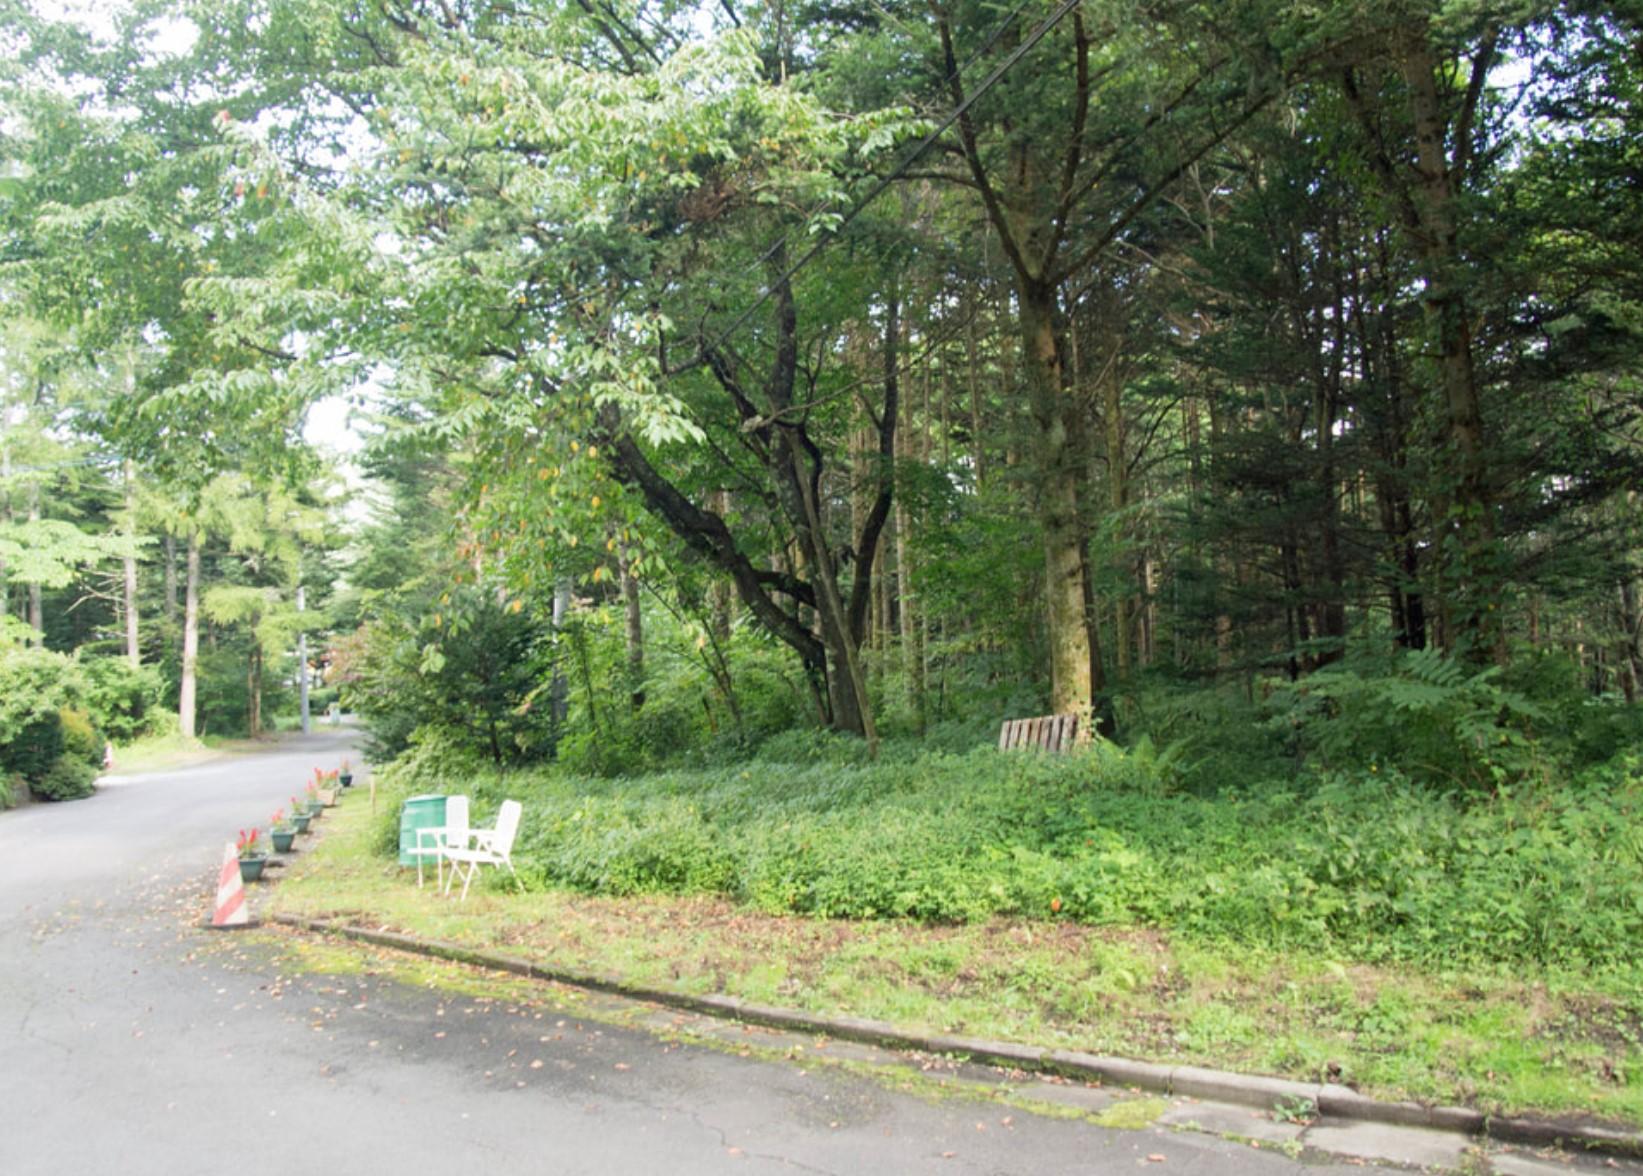 【長倉公園北 土地】中軽井沢徒歩10分!緑に囲まれた清流をたたえる900坪の土地